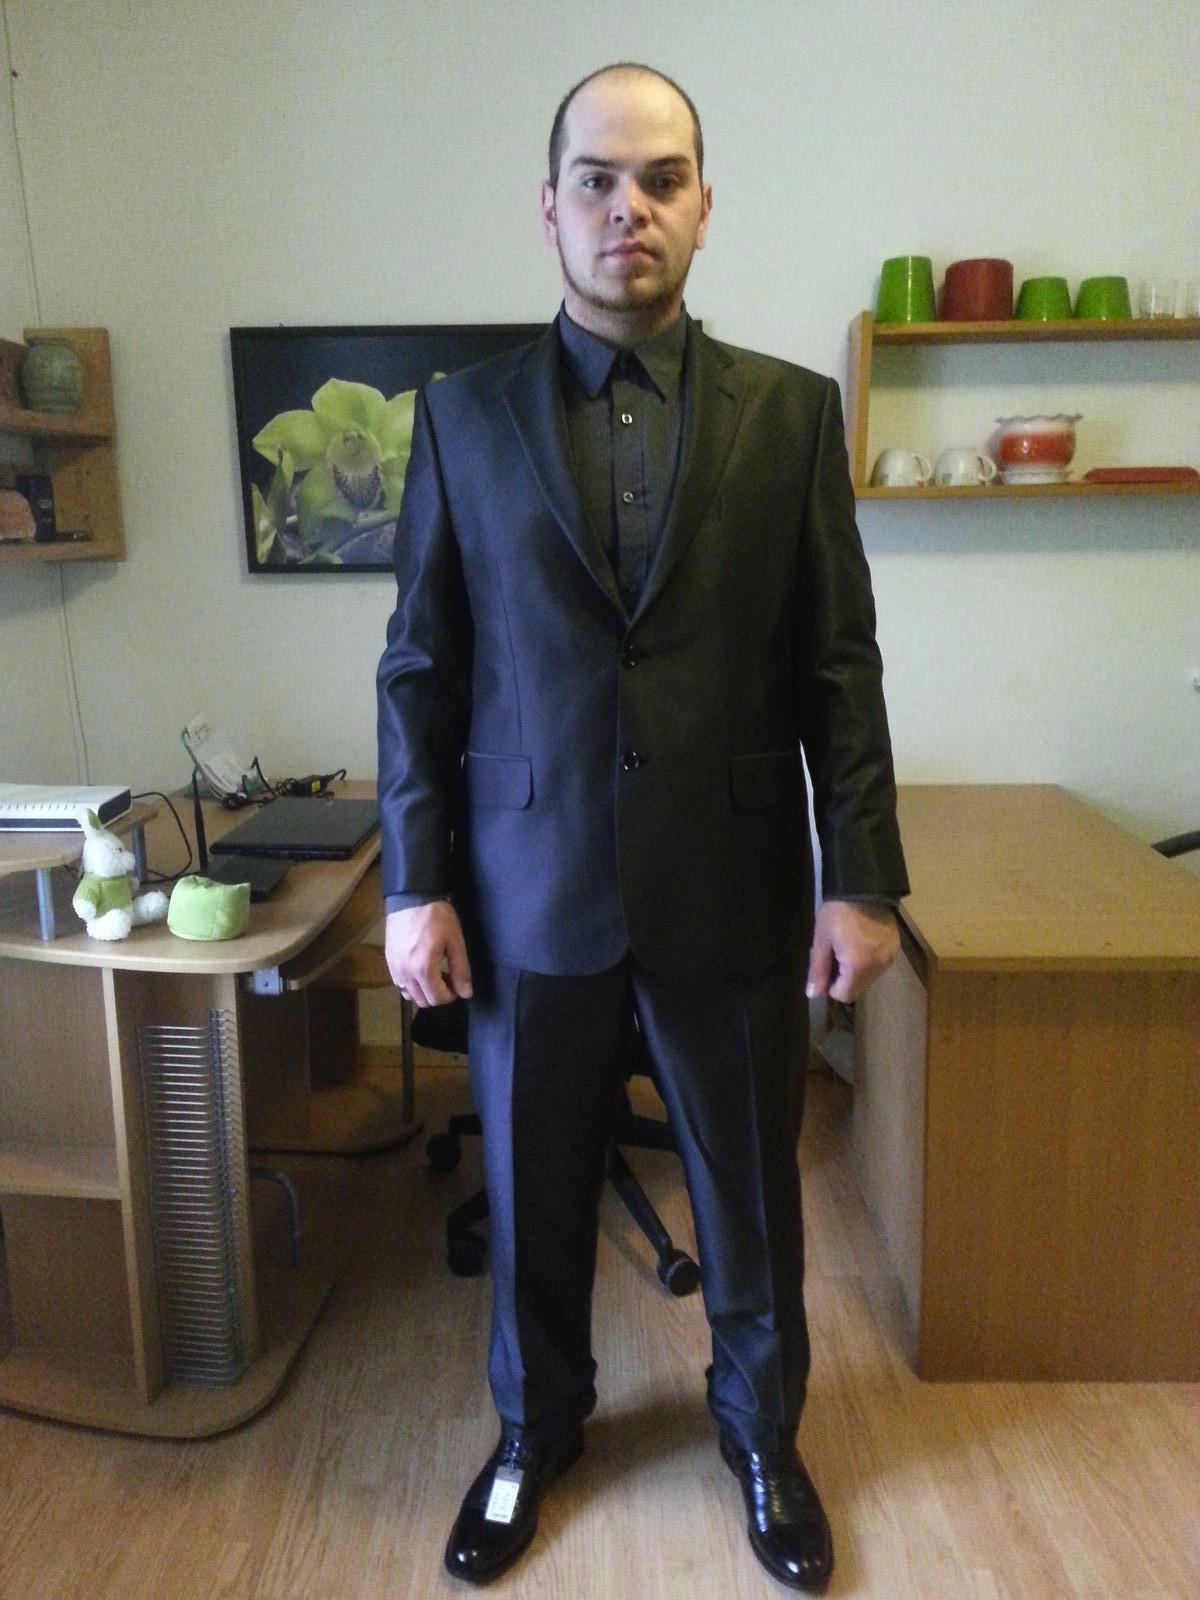 a251019cc89 Pánský oblek-česká značka ševčík (lesklý proužek)